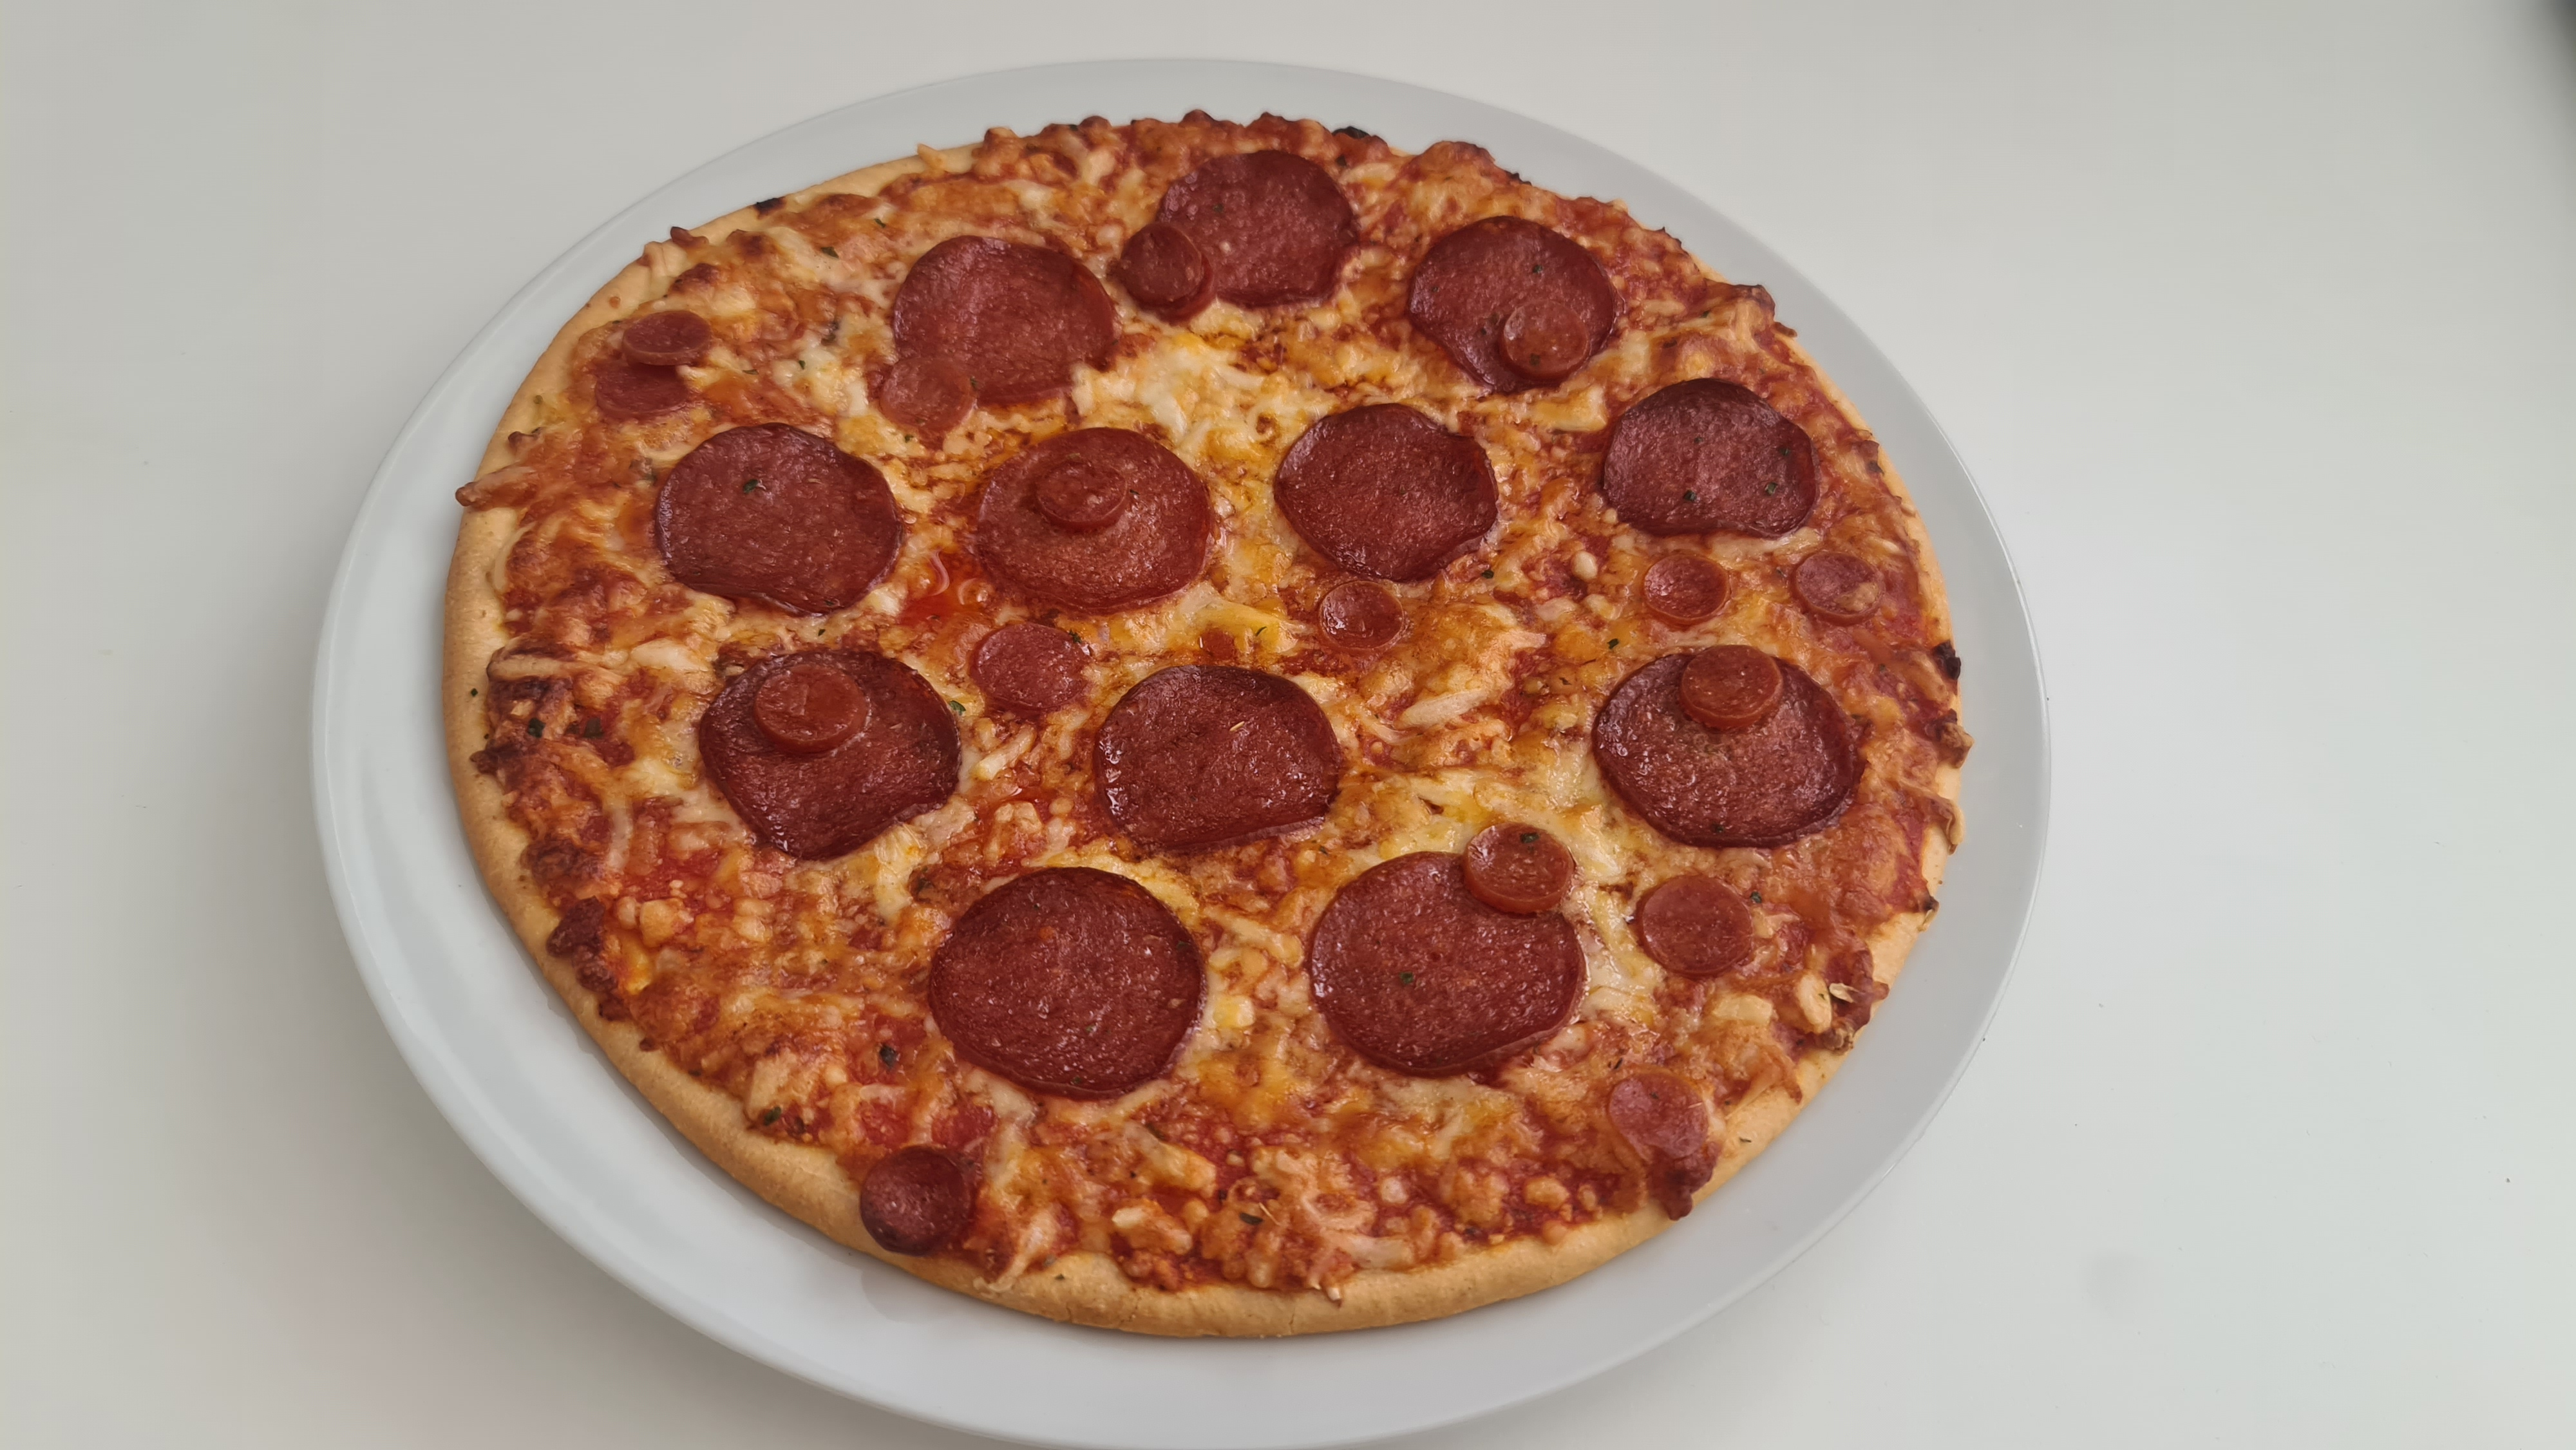 https://foodloader.net/Holz_2020-08-23_Pizza.jpg